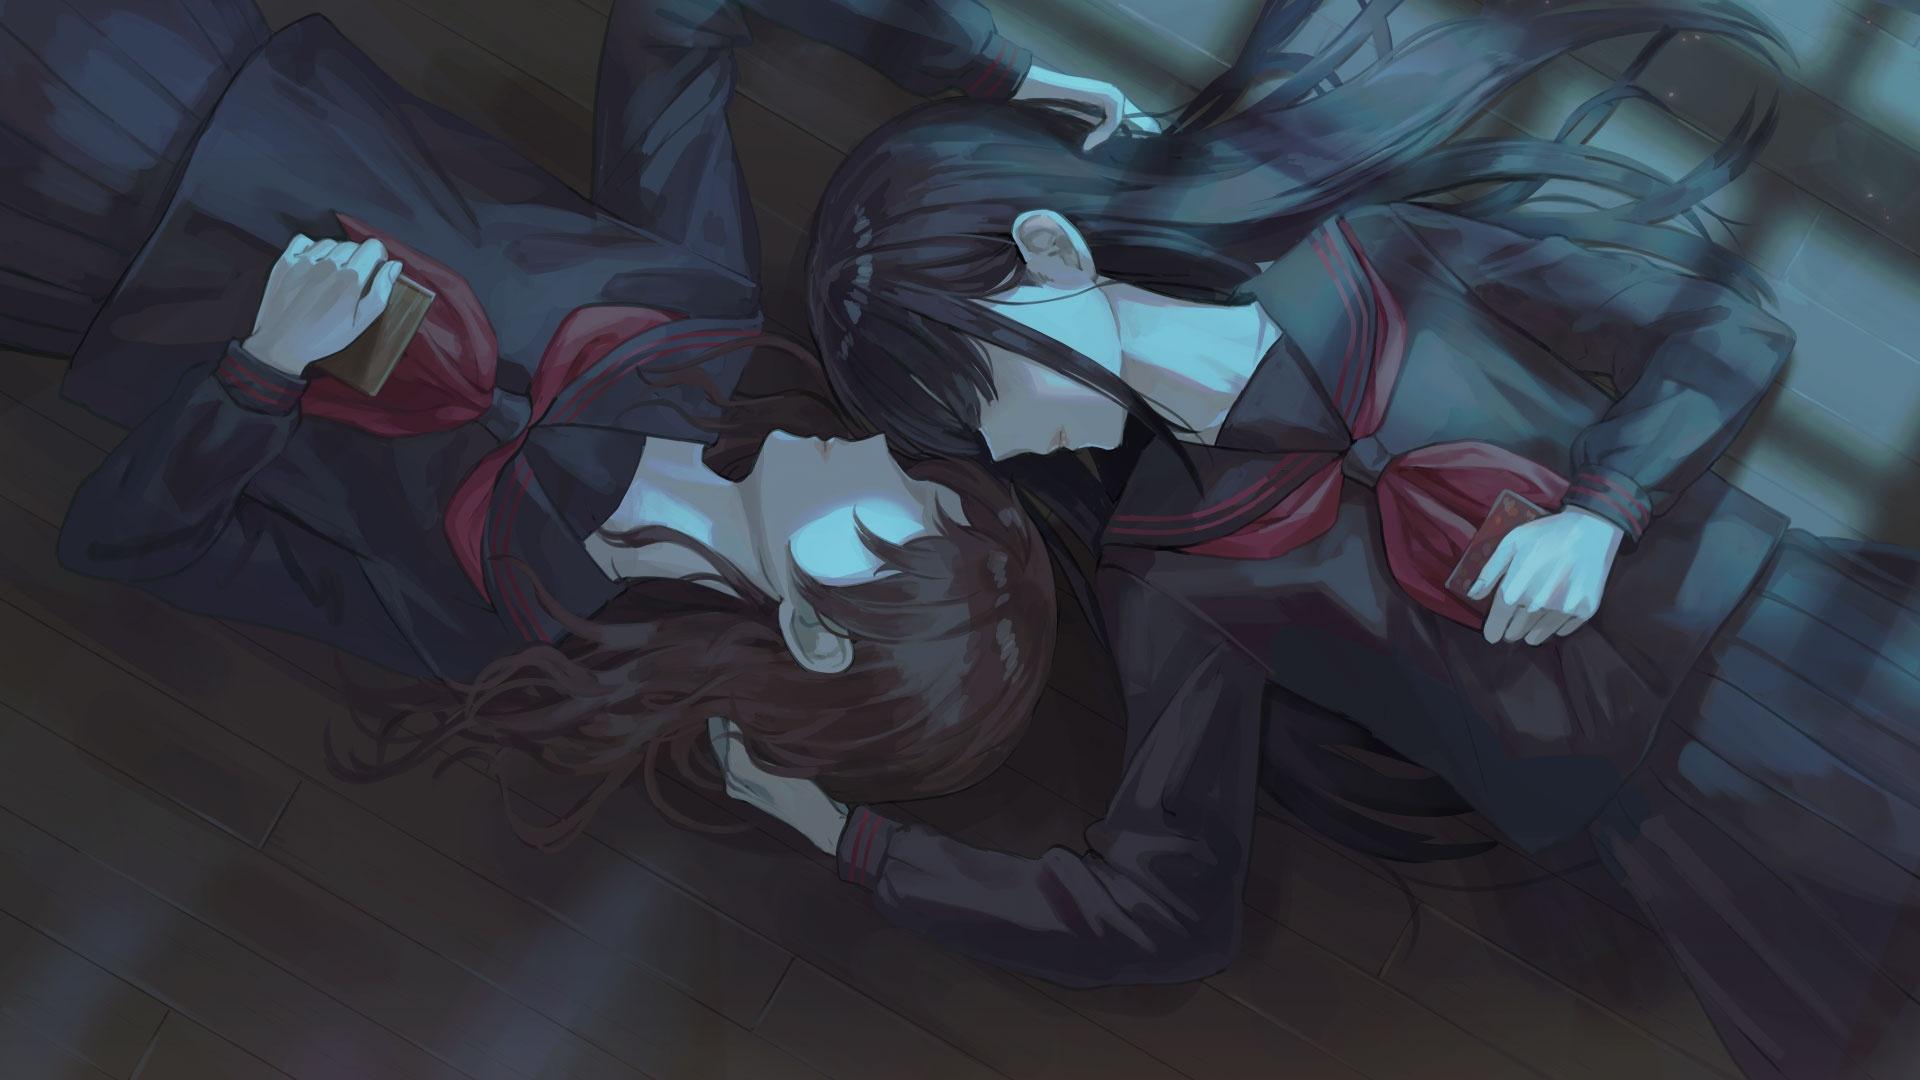 В новом трейлере Yoru, Tomosu показан упадок школы для девочек